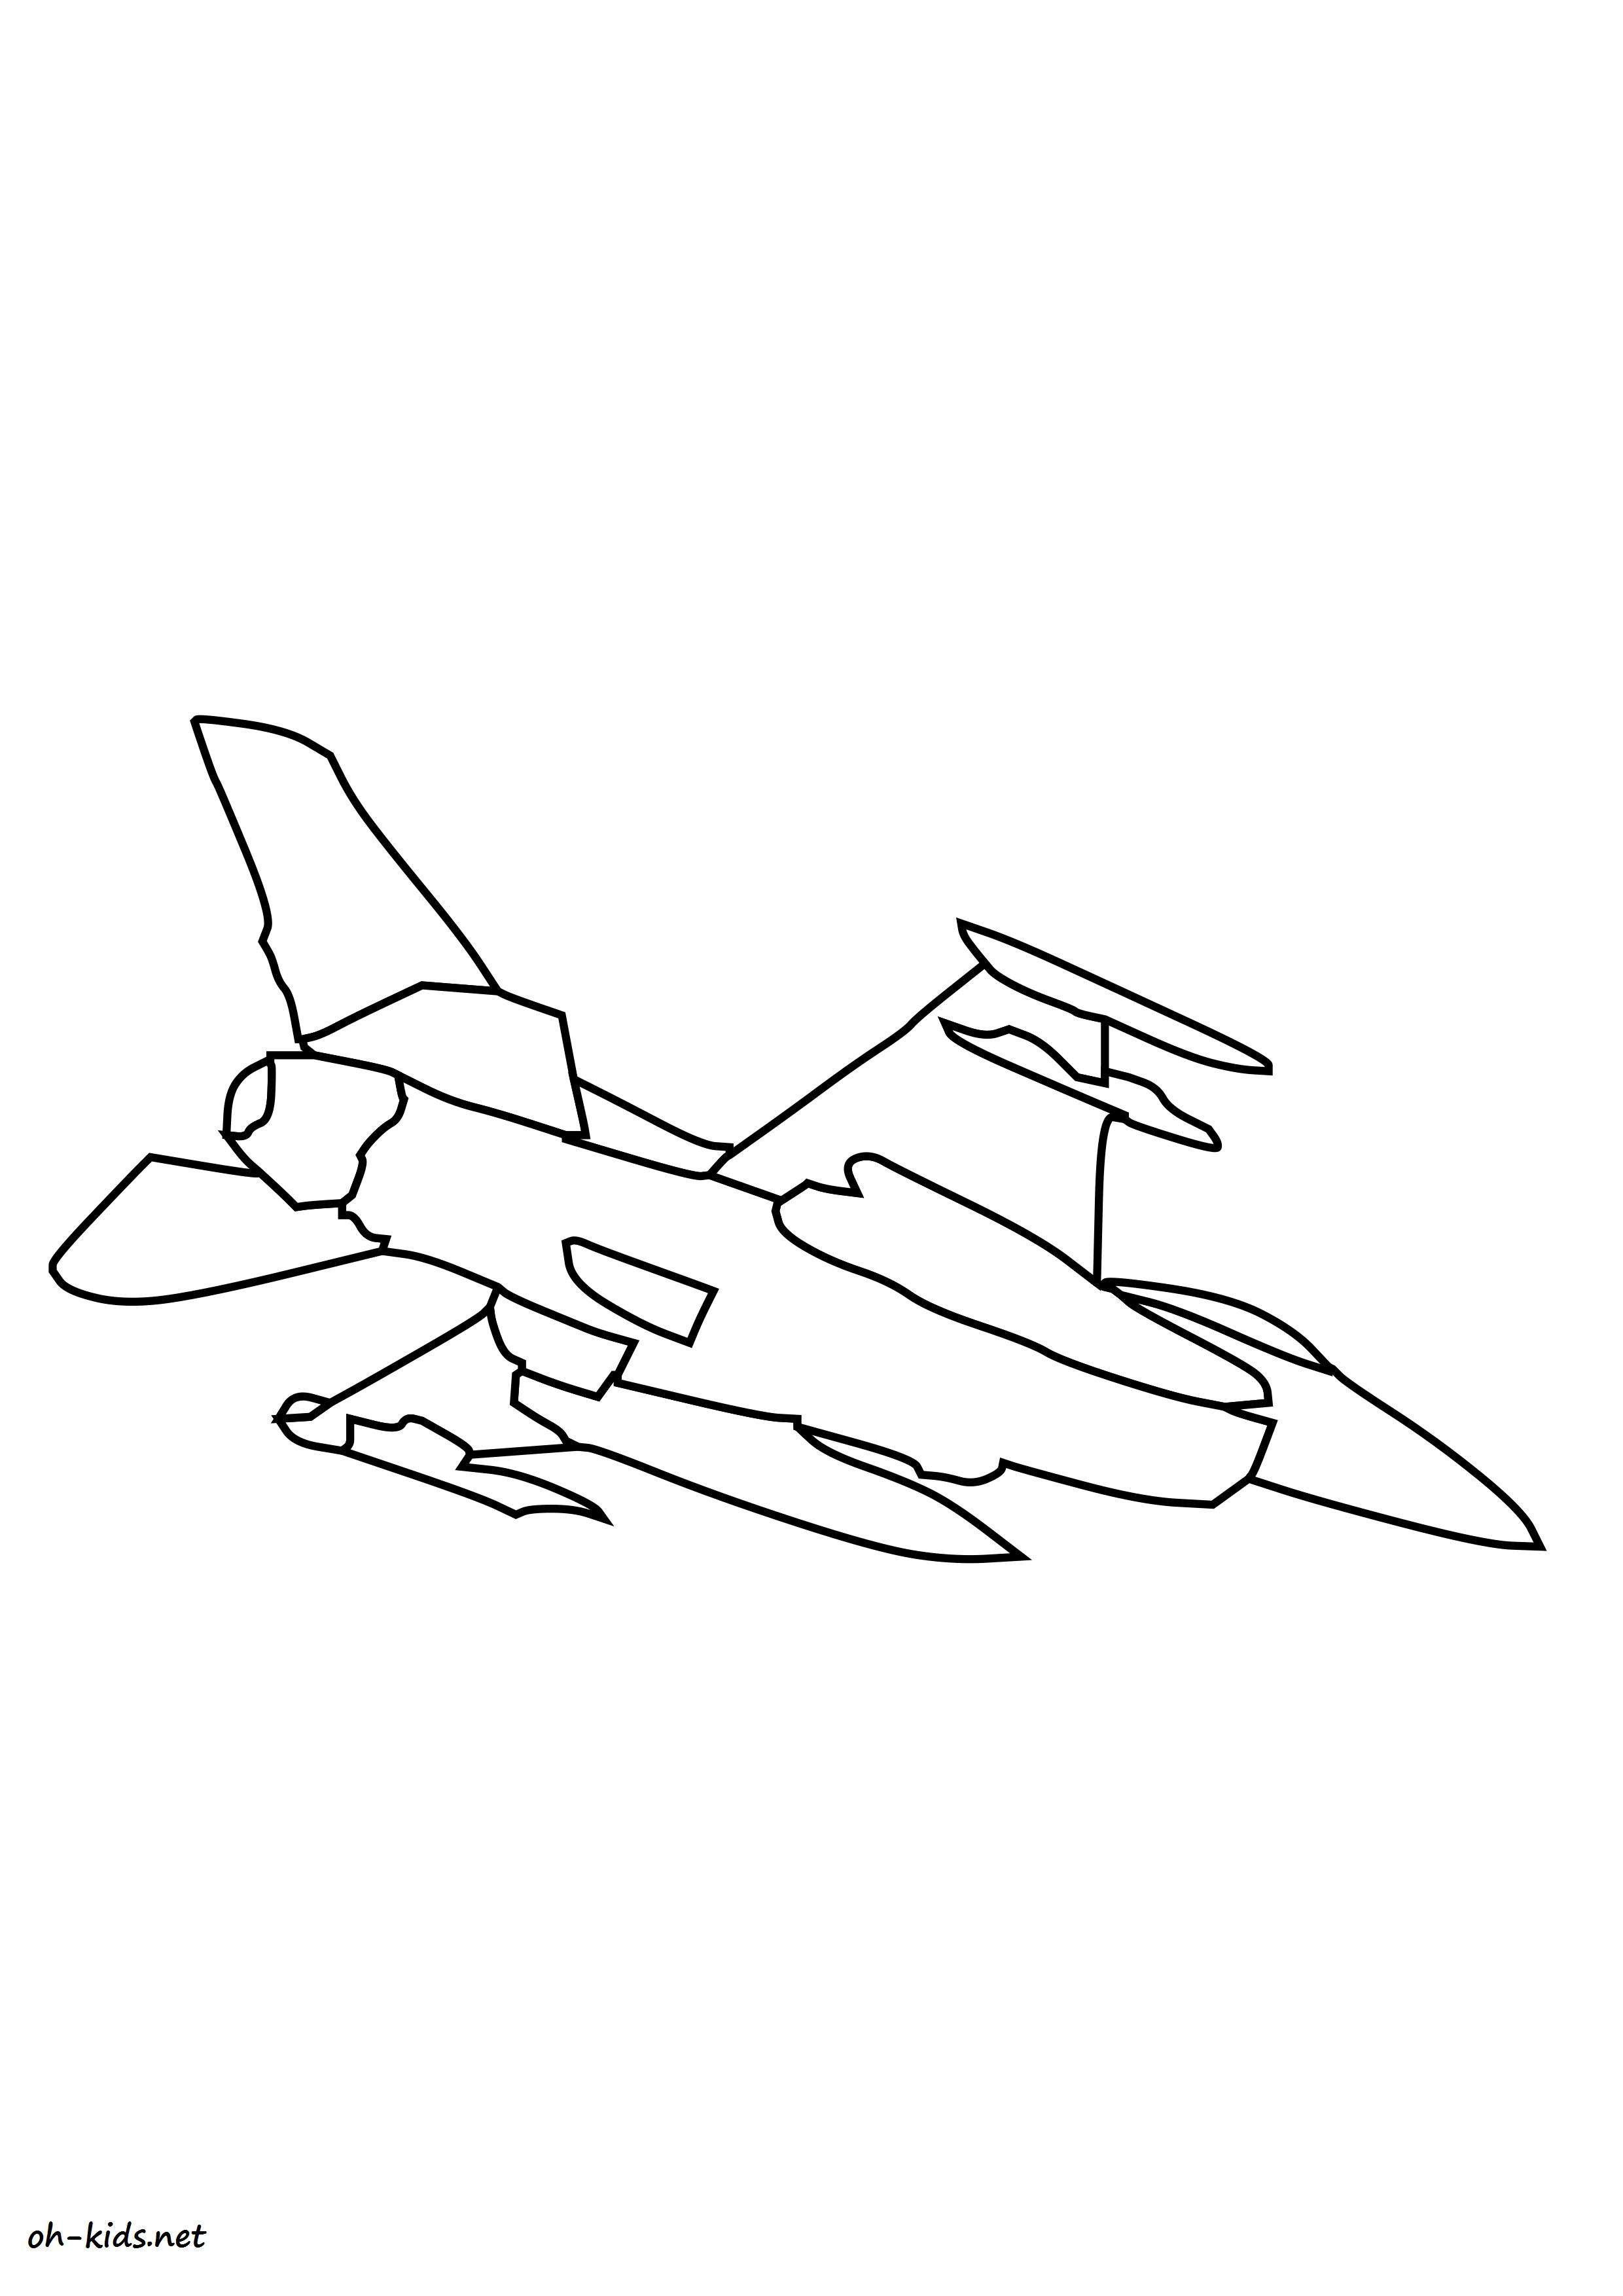 Dessin de avion de chasse imprimer et colorier - Dessin #1440